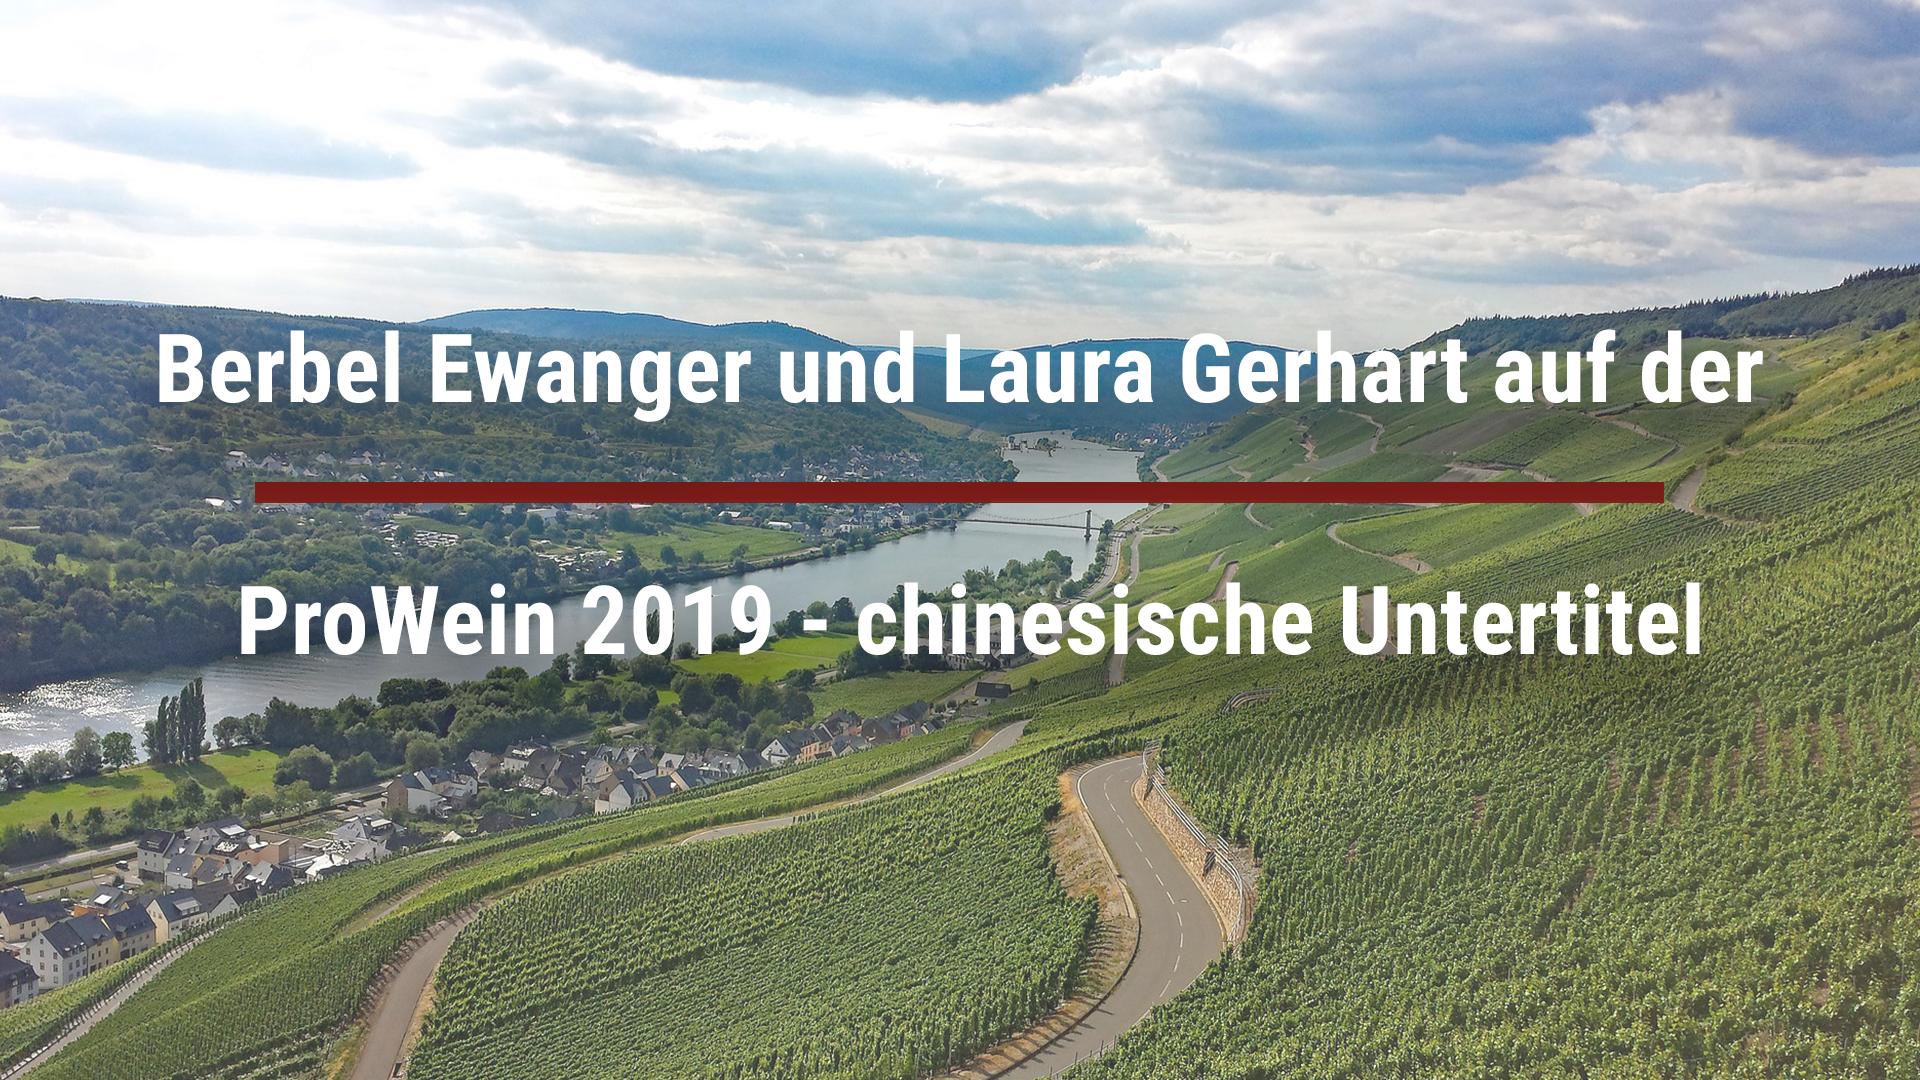 Berbel Ewanger und Laura Gerhart auf der ProWein 2019 – chinesische Untertitel